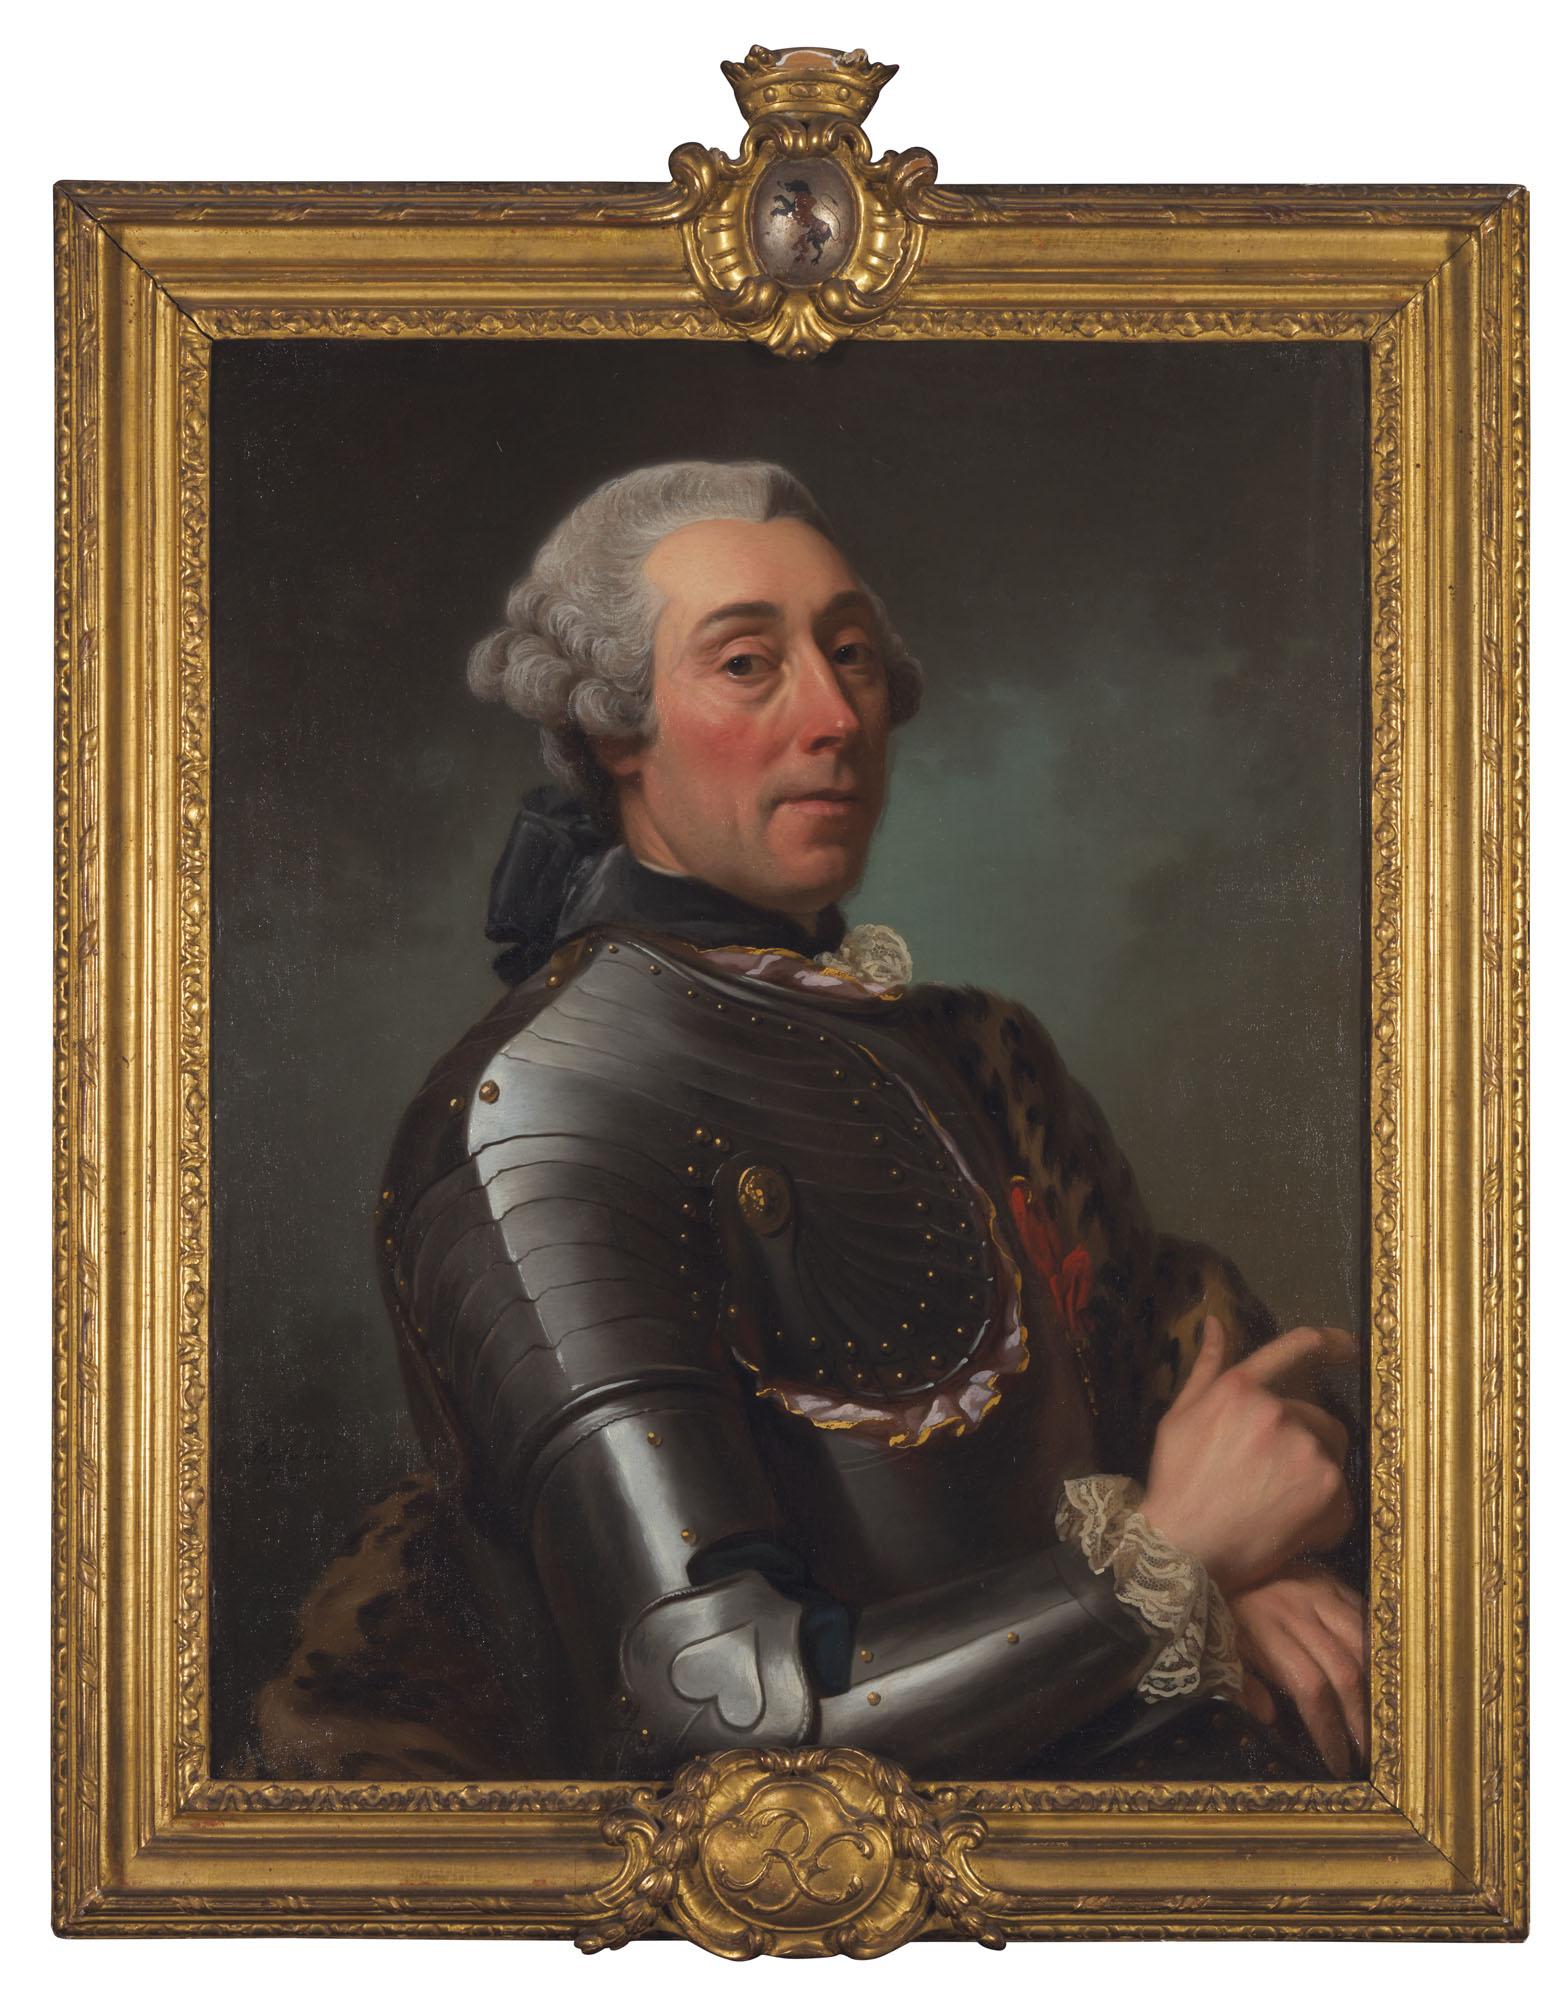 ÉCOLE SUÉDOISE DU XVIIIE SIÈCLE, ENTOURAGE D'ALEXANDRE ROSLIN